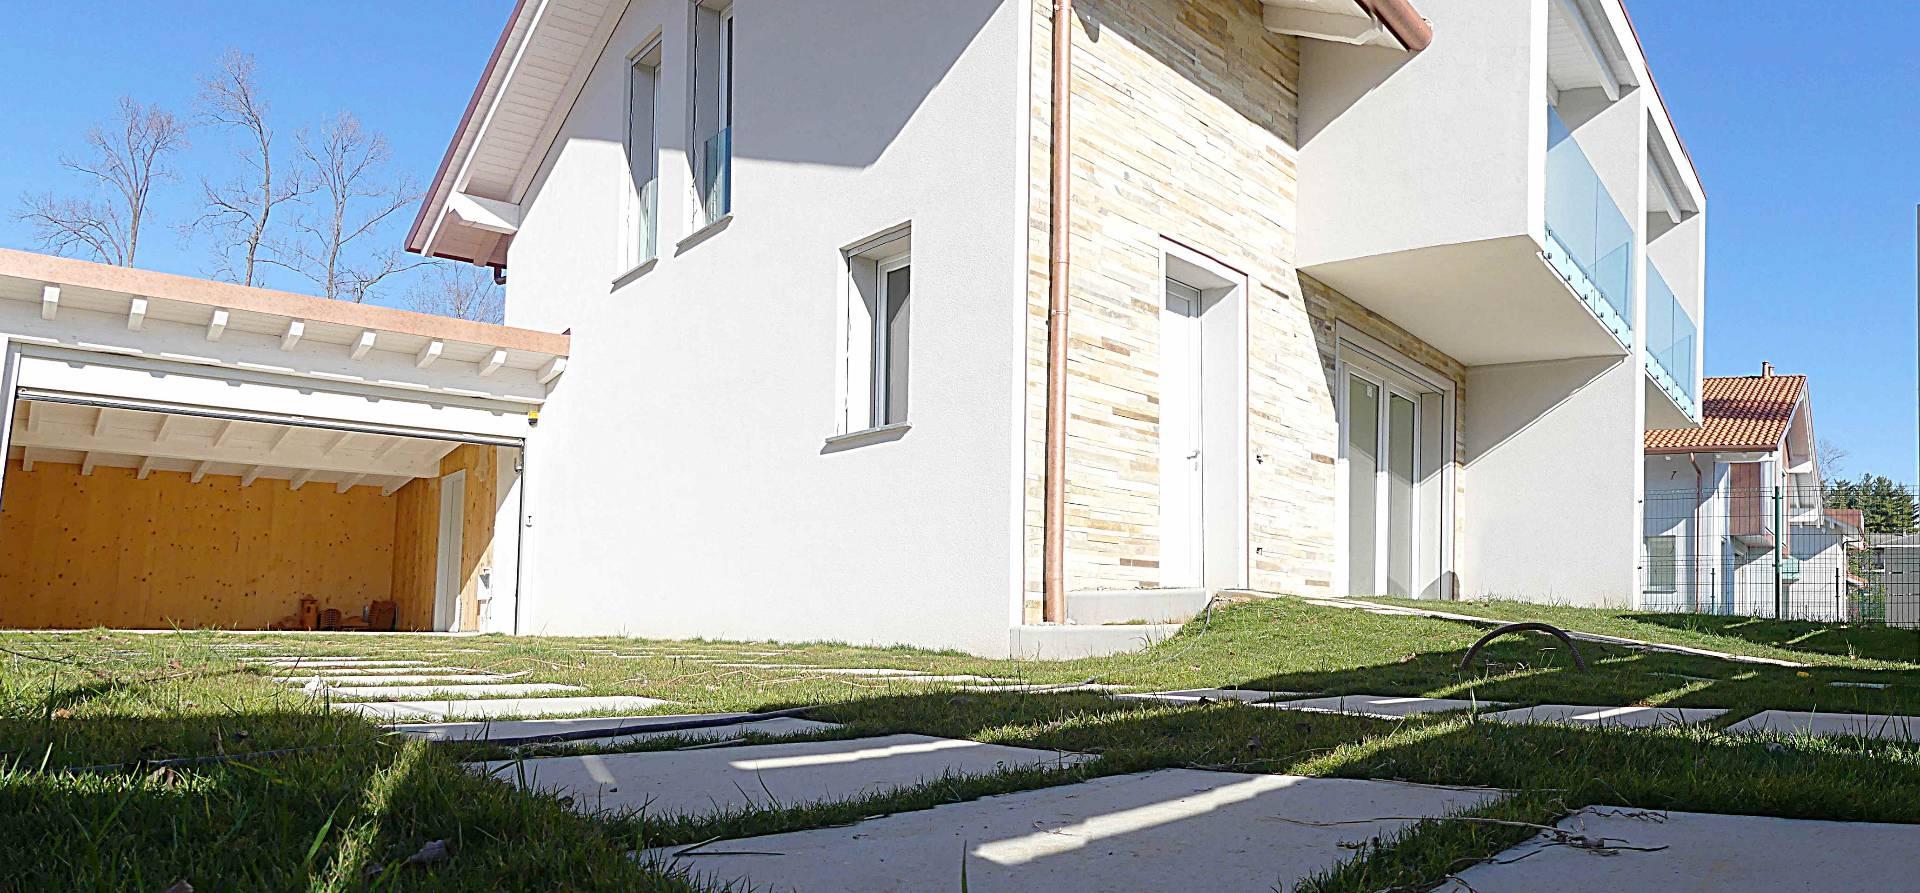 Villa in vendita a Tradate, 4 locali, prezzo € 290.000 | CambioCasa.it